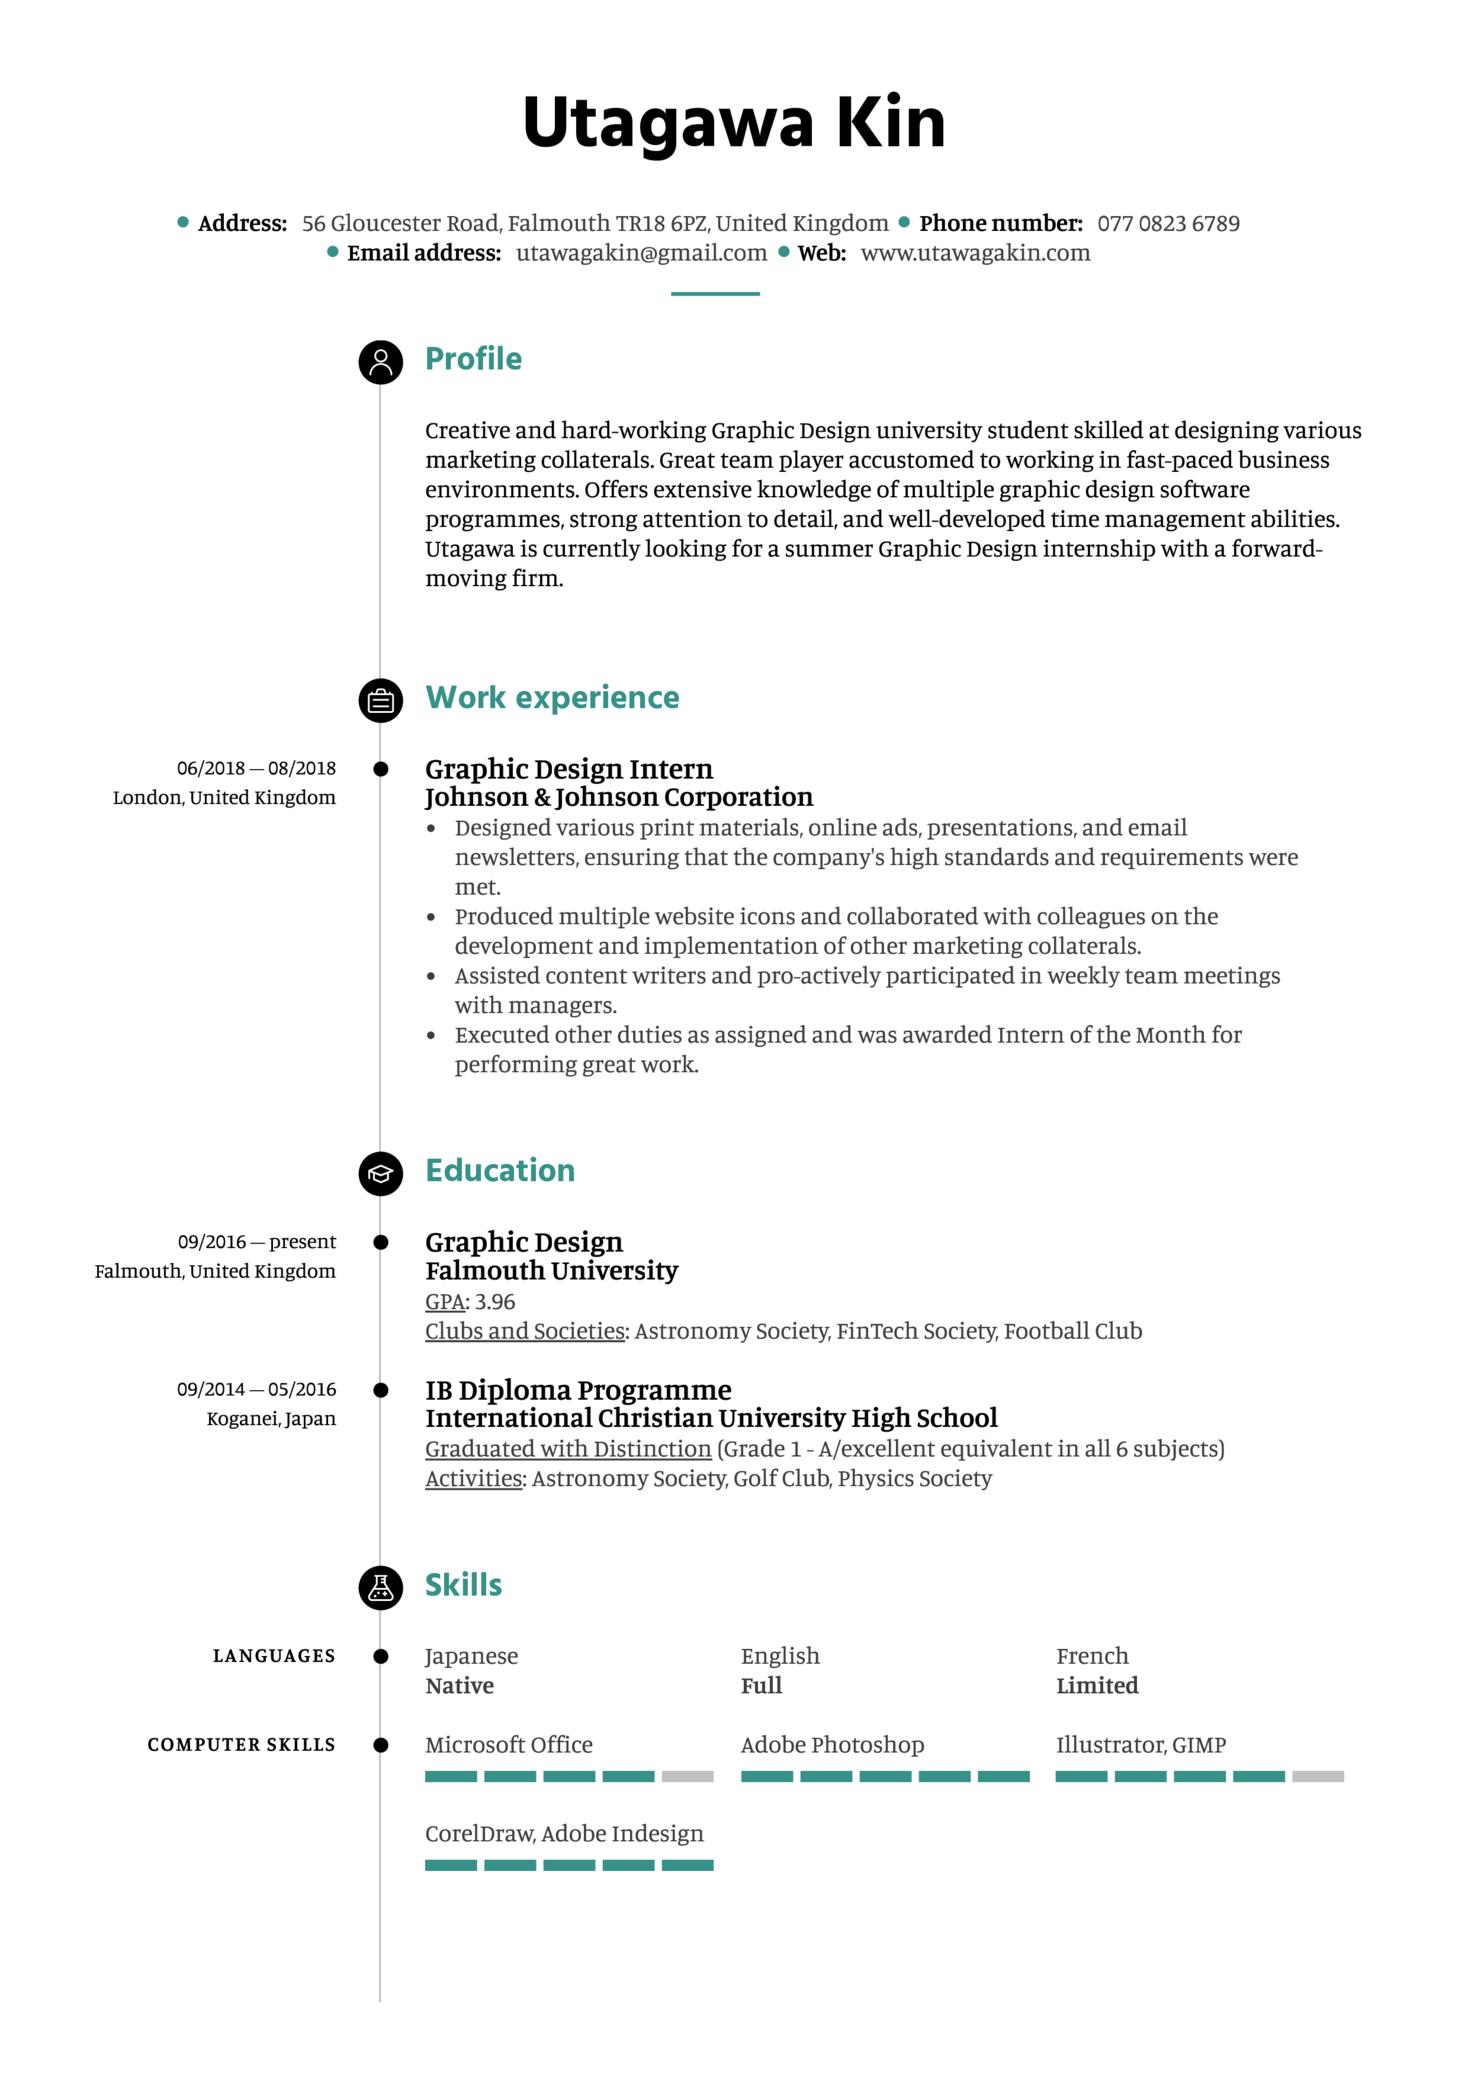 Graphic Design Intern Resume Example (Part 1)